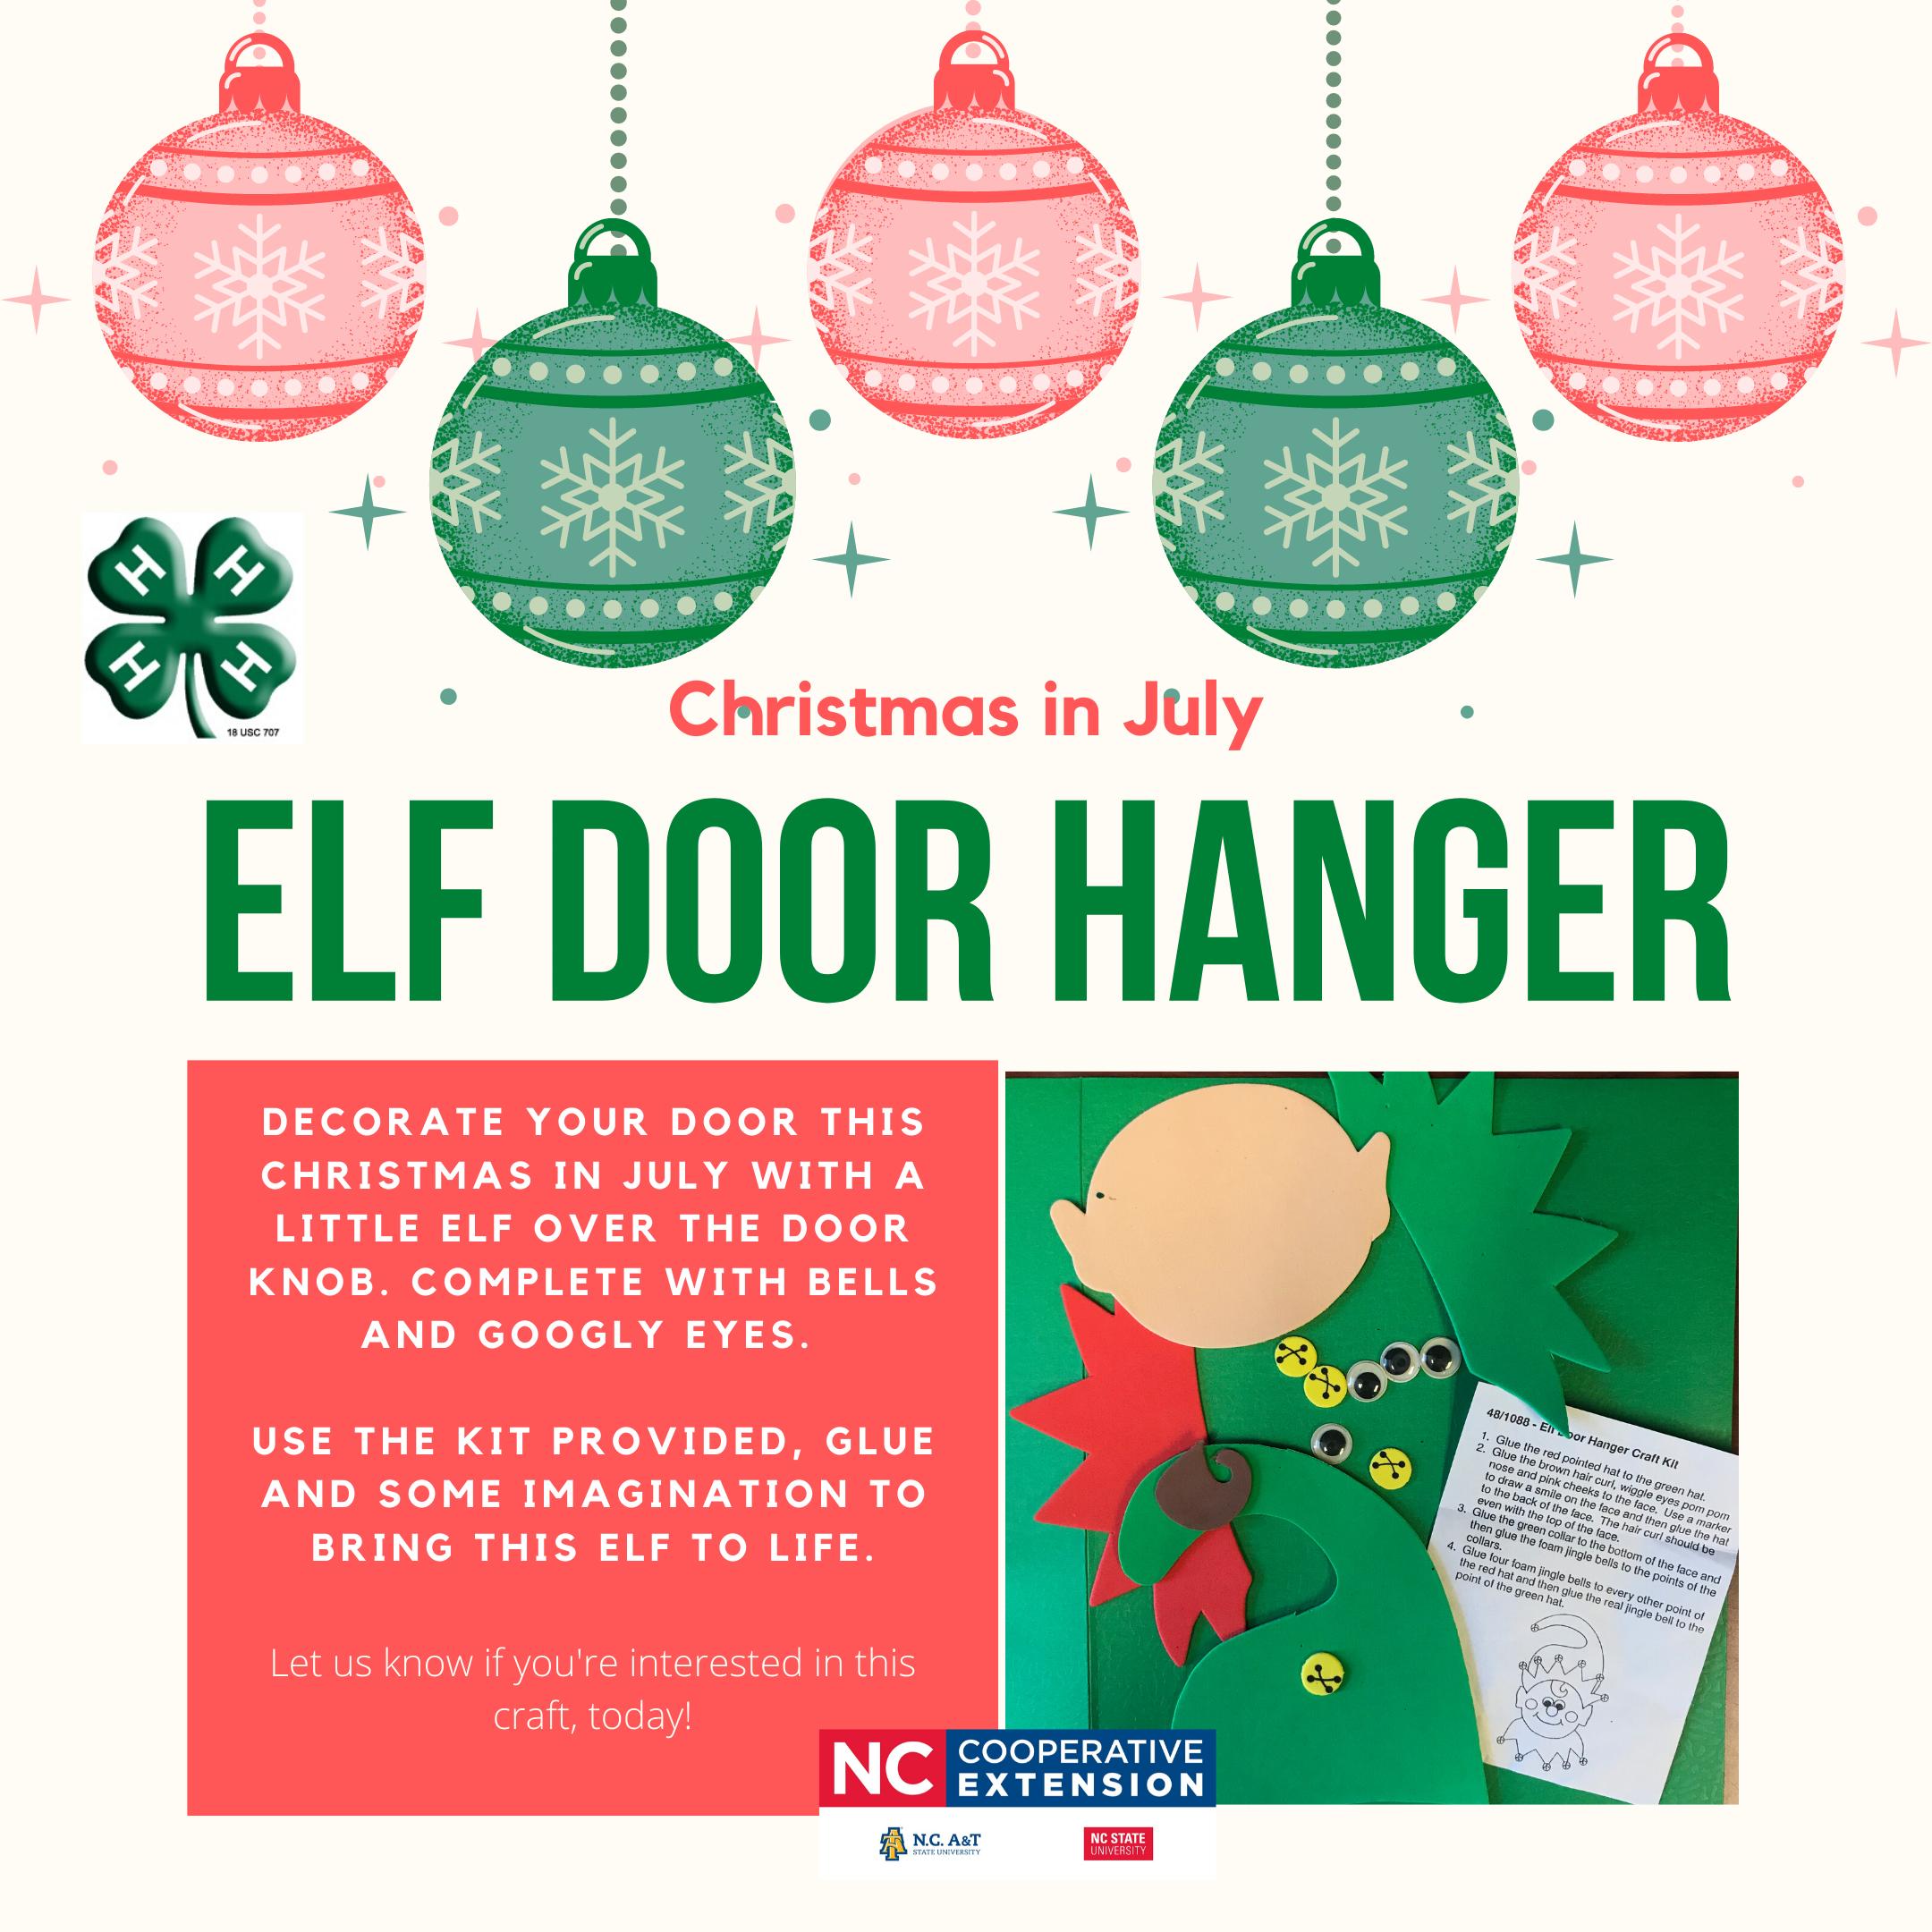 Elf Door Hanger